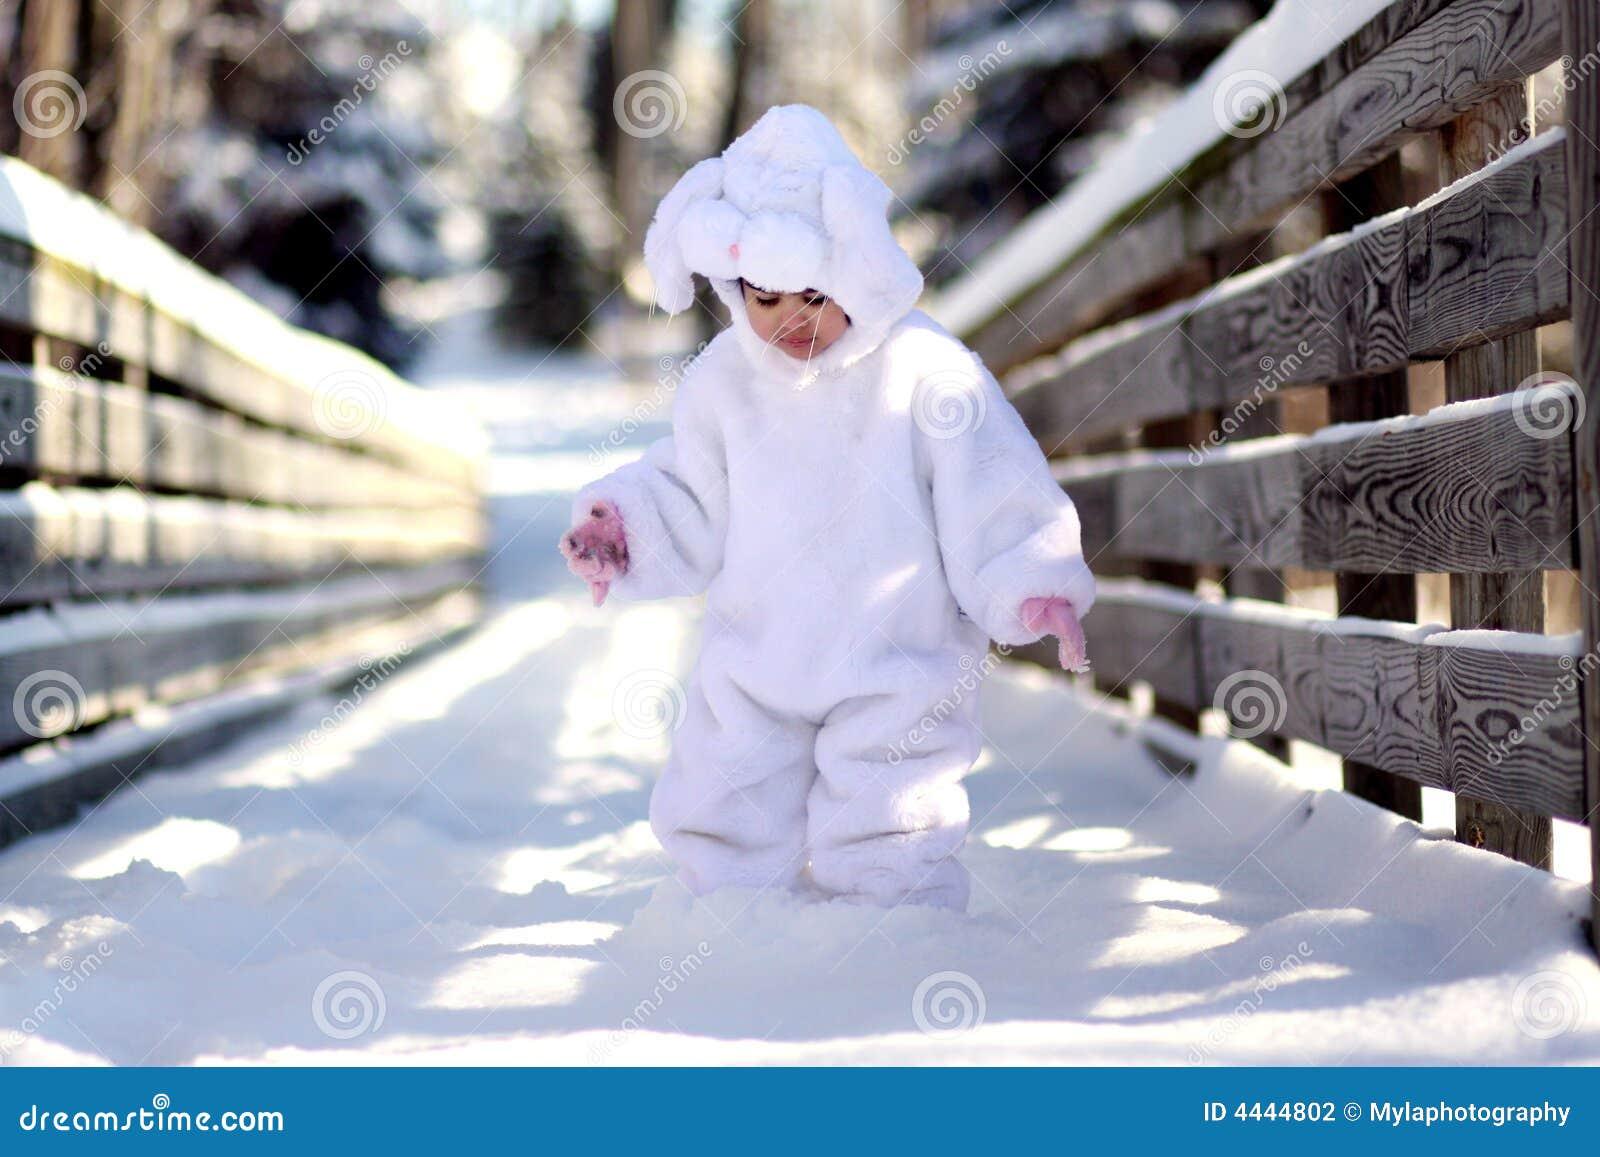 Картинки зайчика зимой